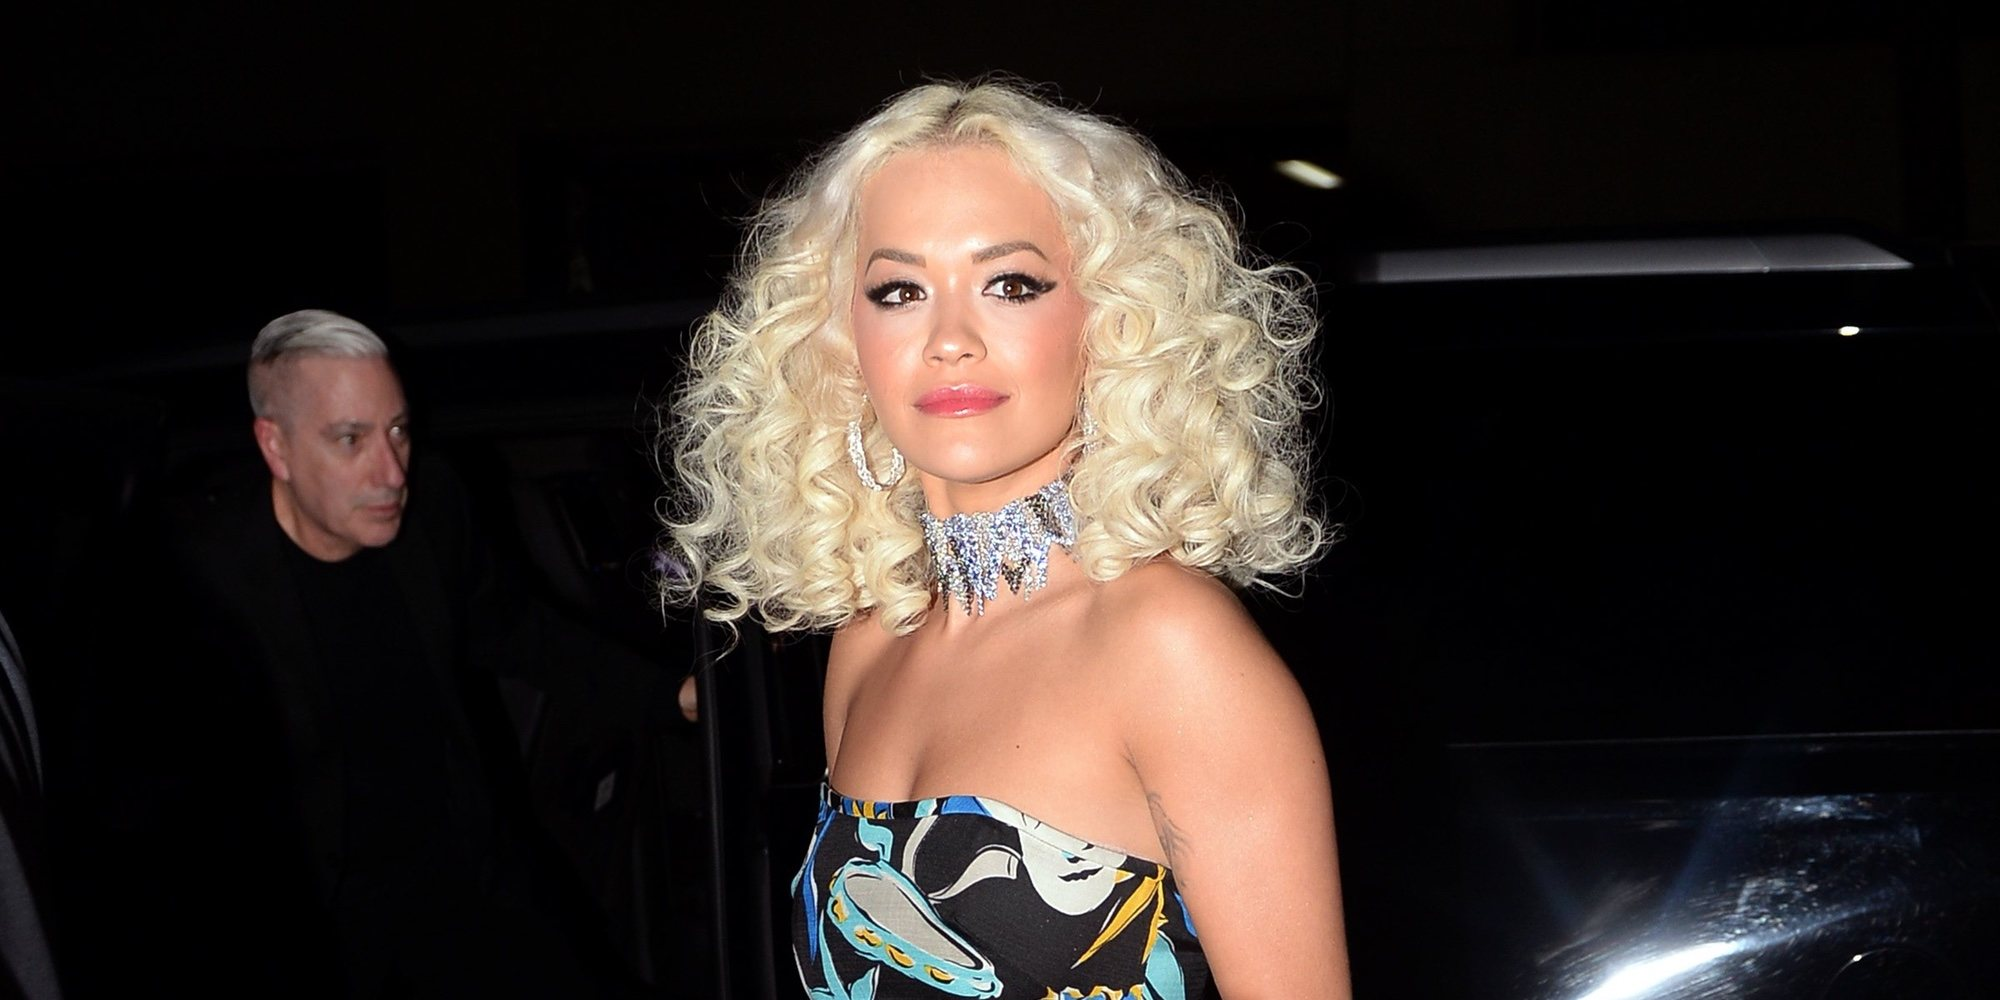 Rita Ora confiesa que temió por su carrera musical durante la batalla legal contra Jay Z